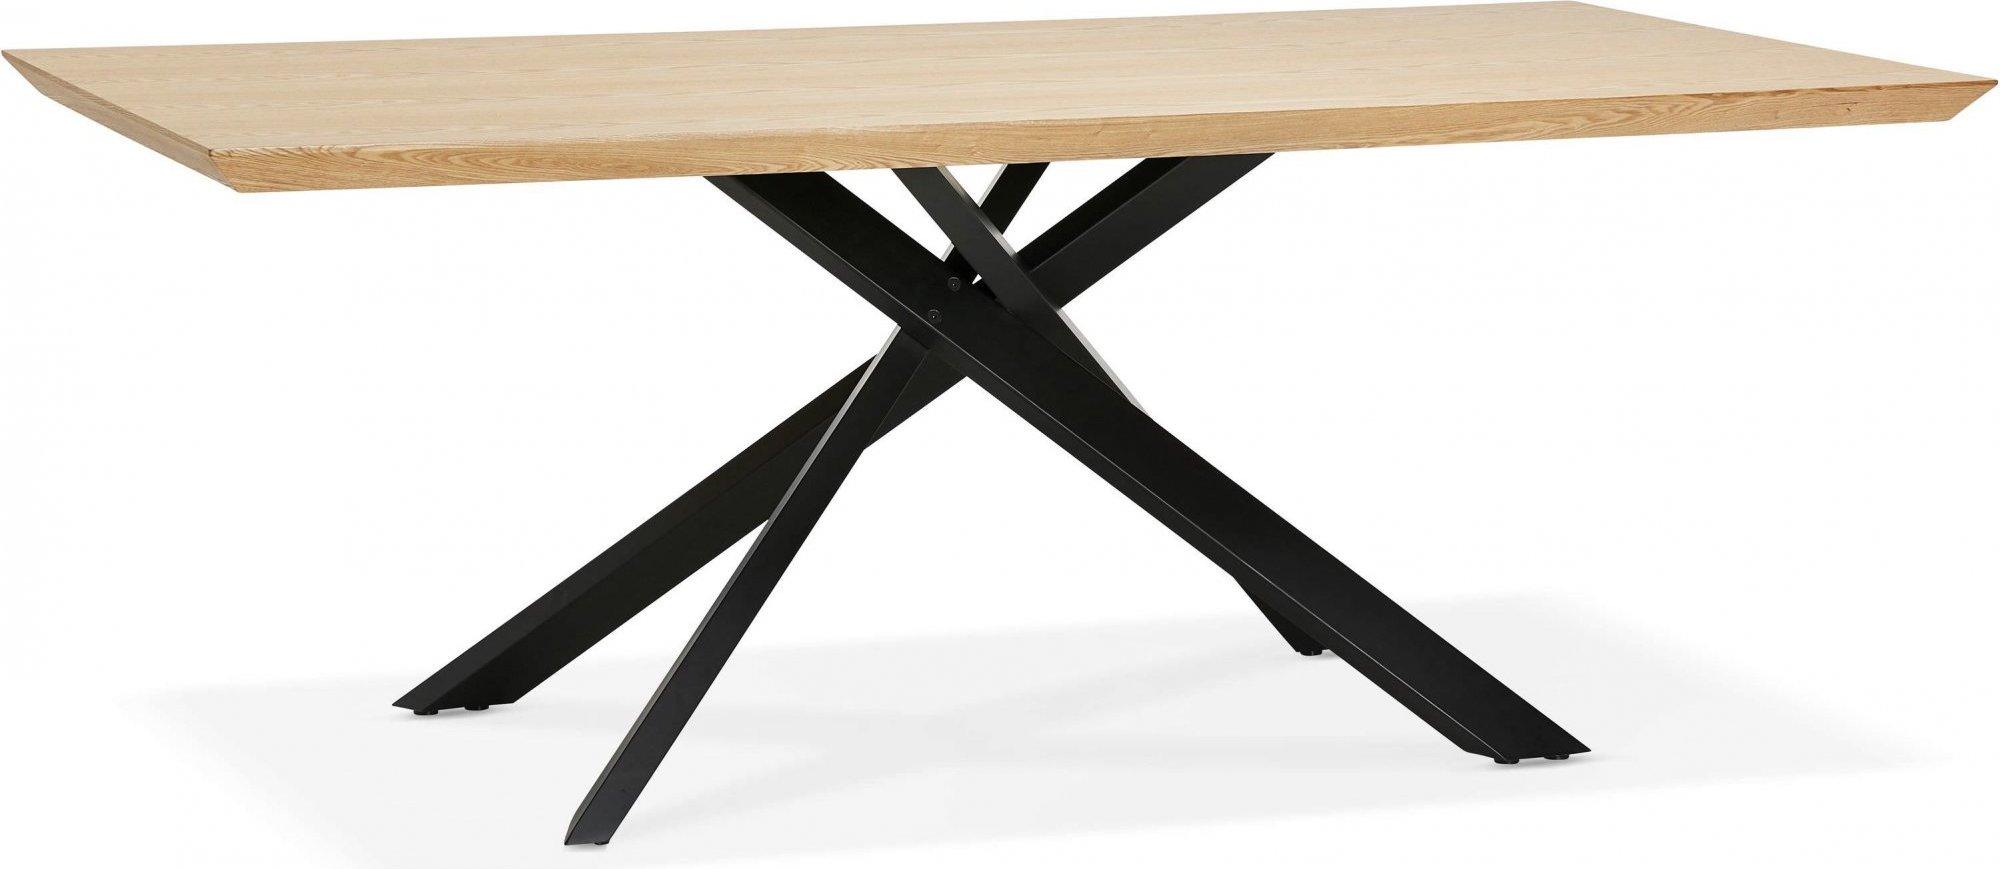 Table a diner plateau bois clair pieds noir 8 places l200cm